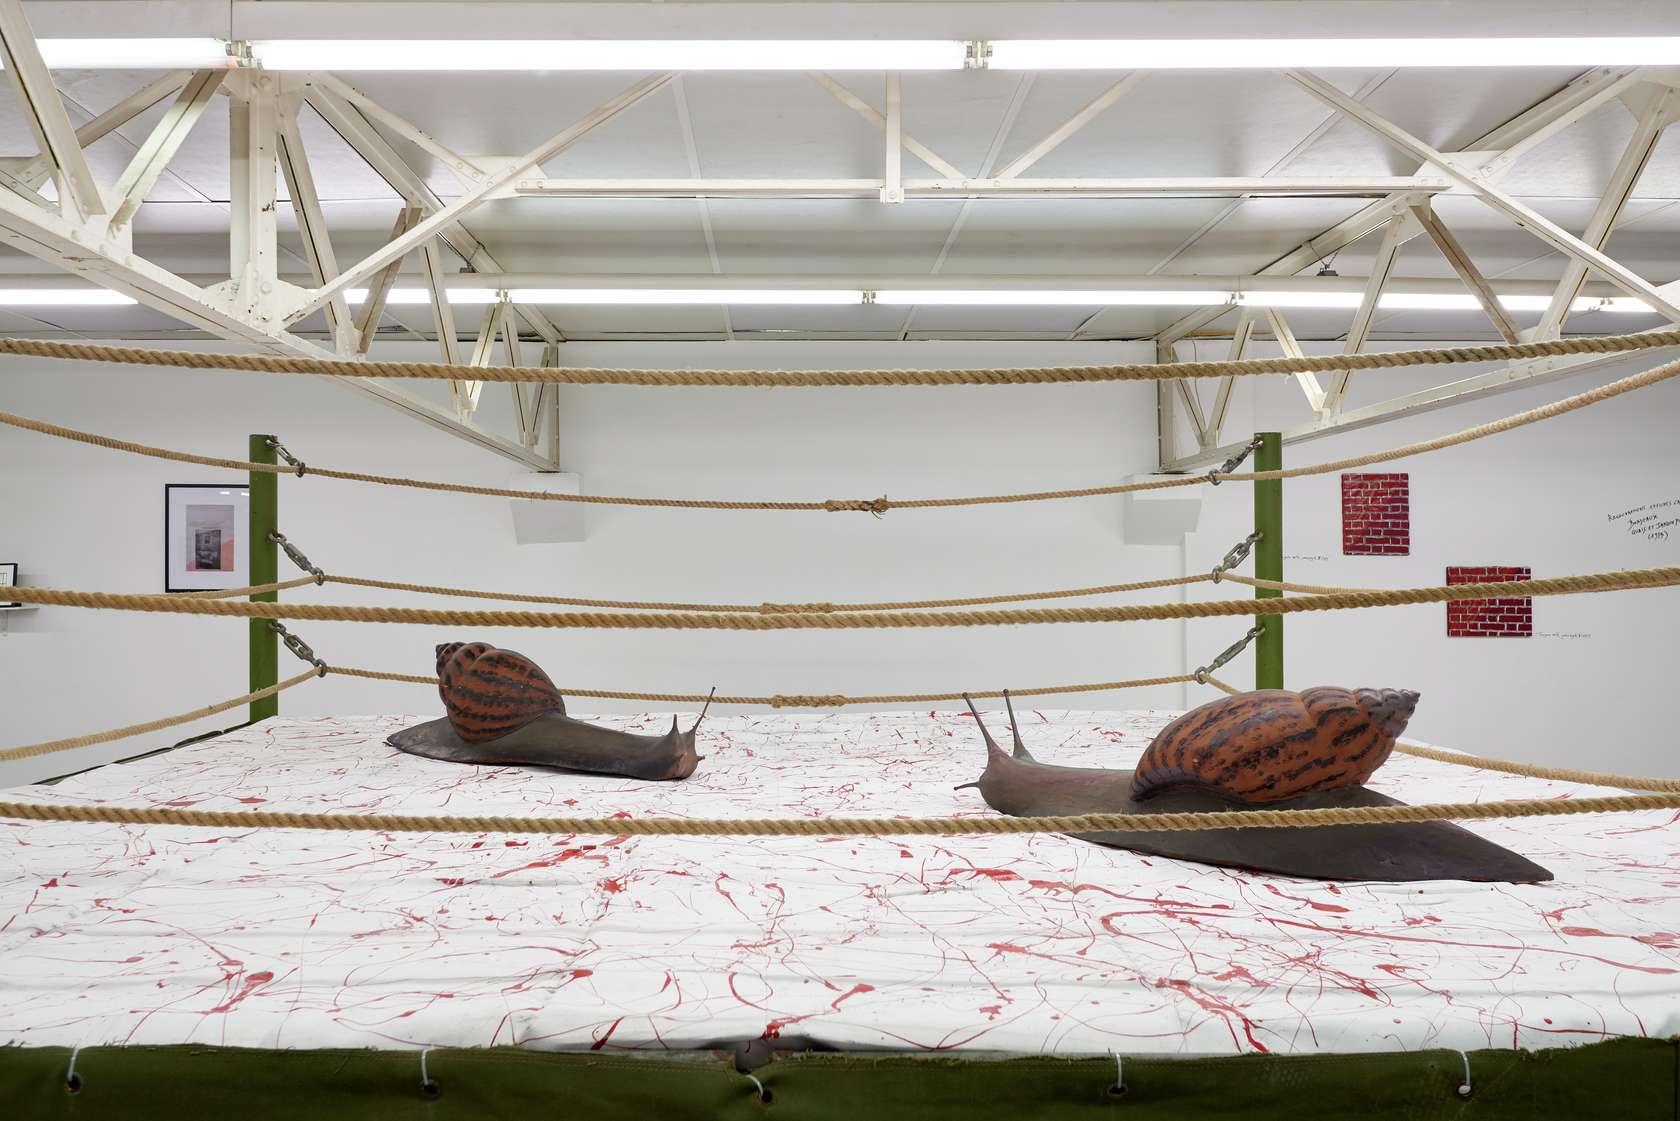 Présence Panchounette, Coups bas libres, 1986 Ring de boxe, bâche peinte, sculptures en bois de Nicolas Damas200 x 395 x 395 cm / 78 6/8 x 155 1/2 x 155 1/2 inches